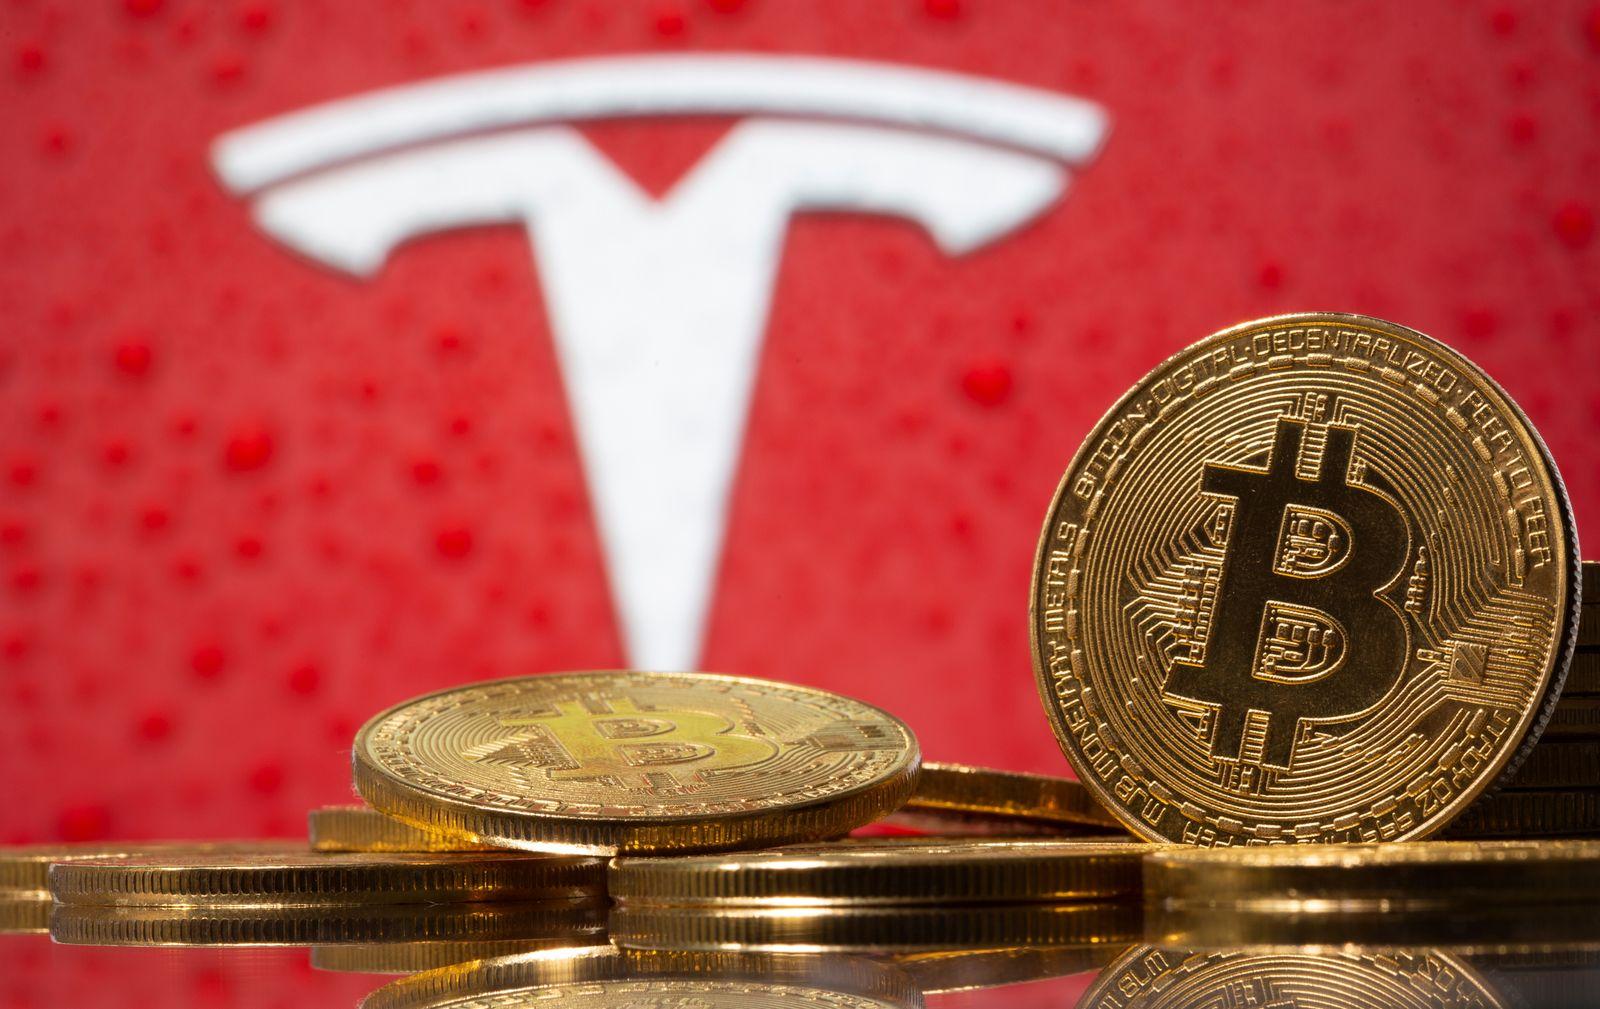 Wie viel Bitcoin kann ich mit 5000 Dollar kaufen?